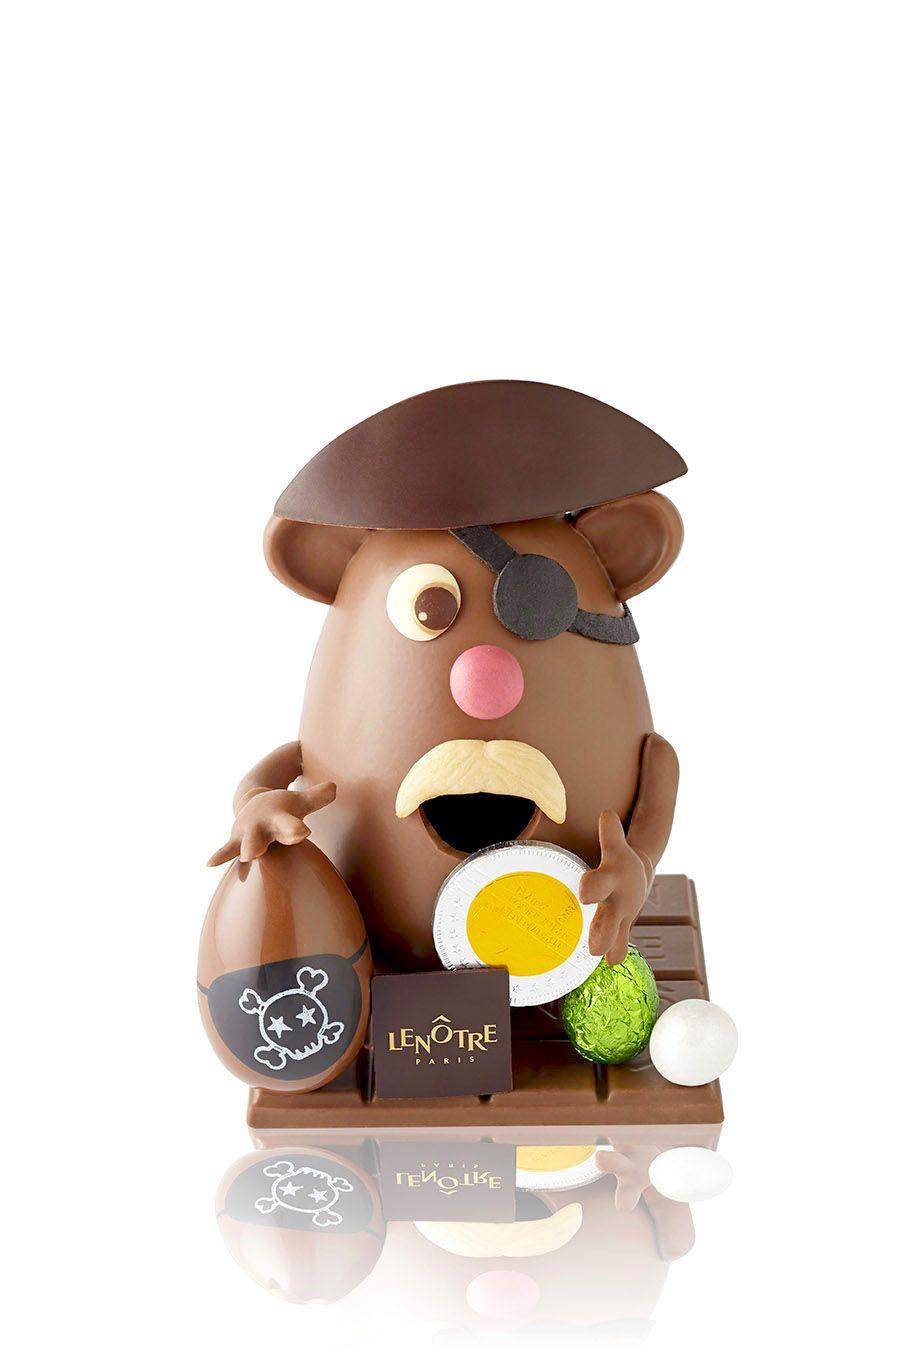 Lenôtre pour Pâques 2015 - chocolat